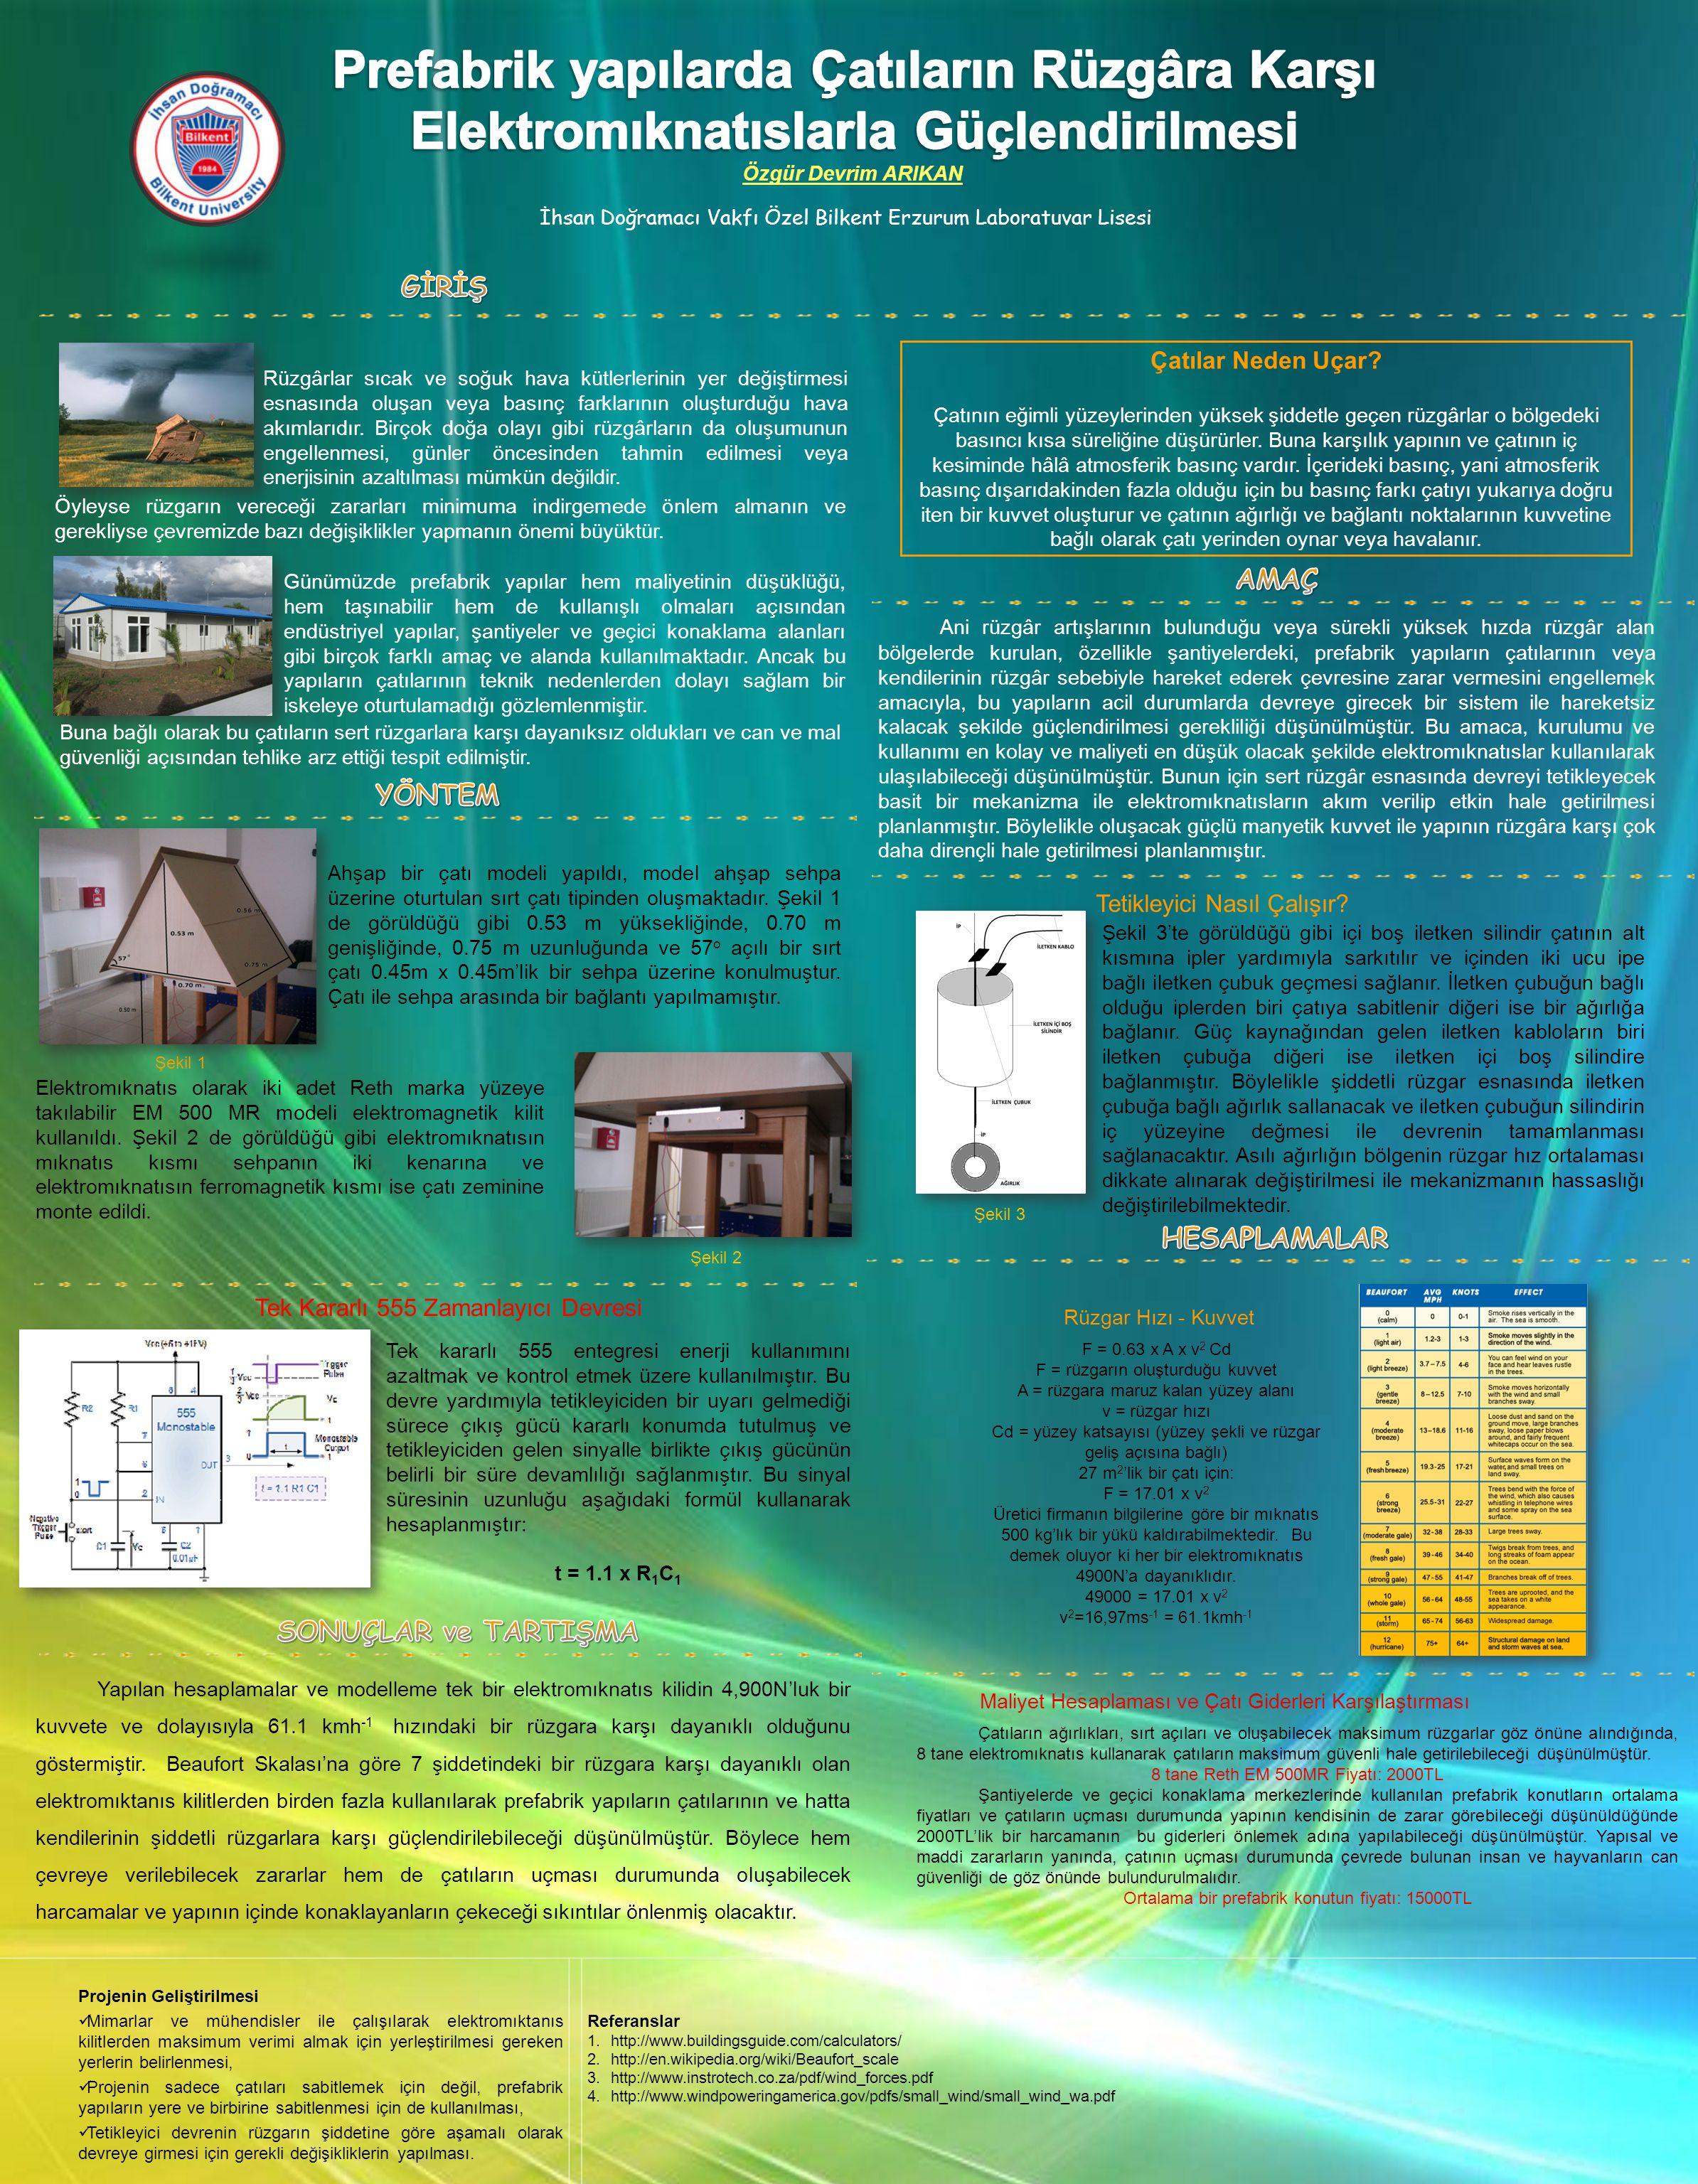 Prefabrik yapılarda Çatıların Rüzgâra Karşı